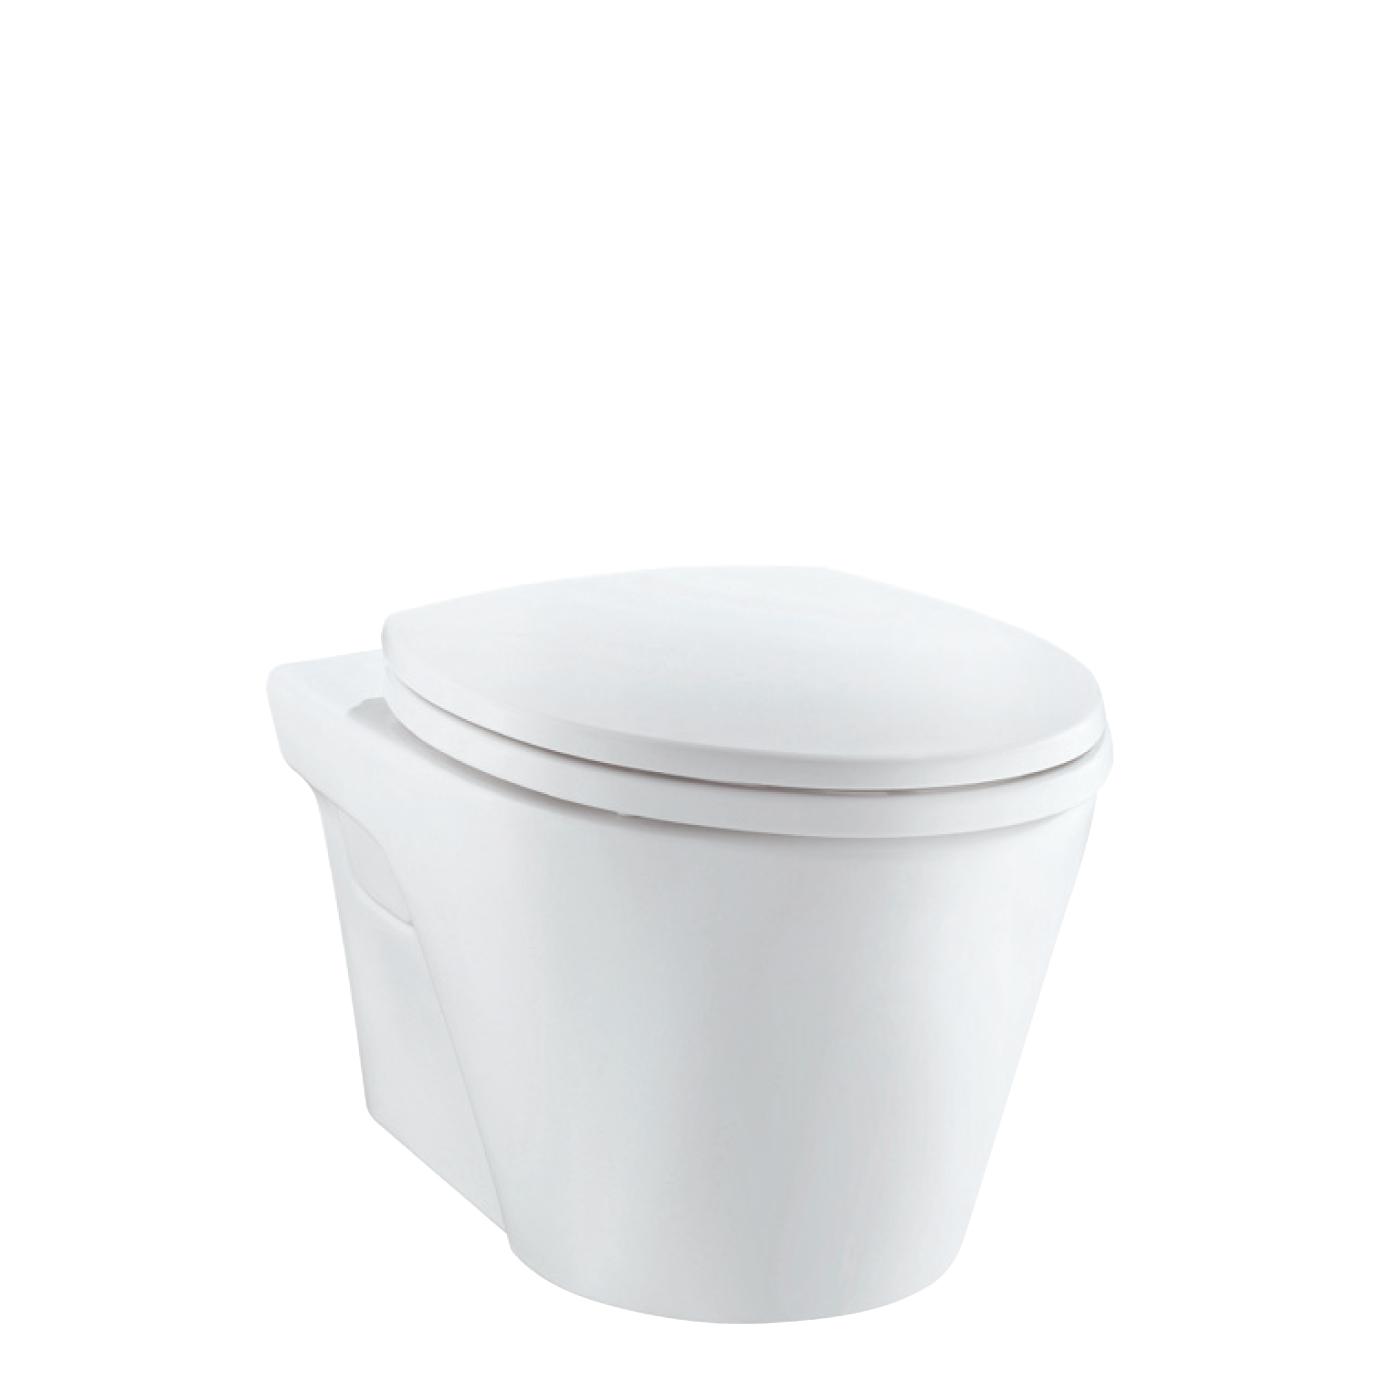 隐蔽水箱式马桶/壁挂